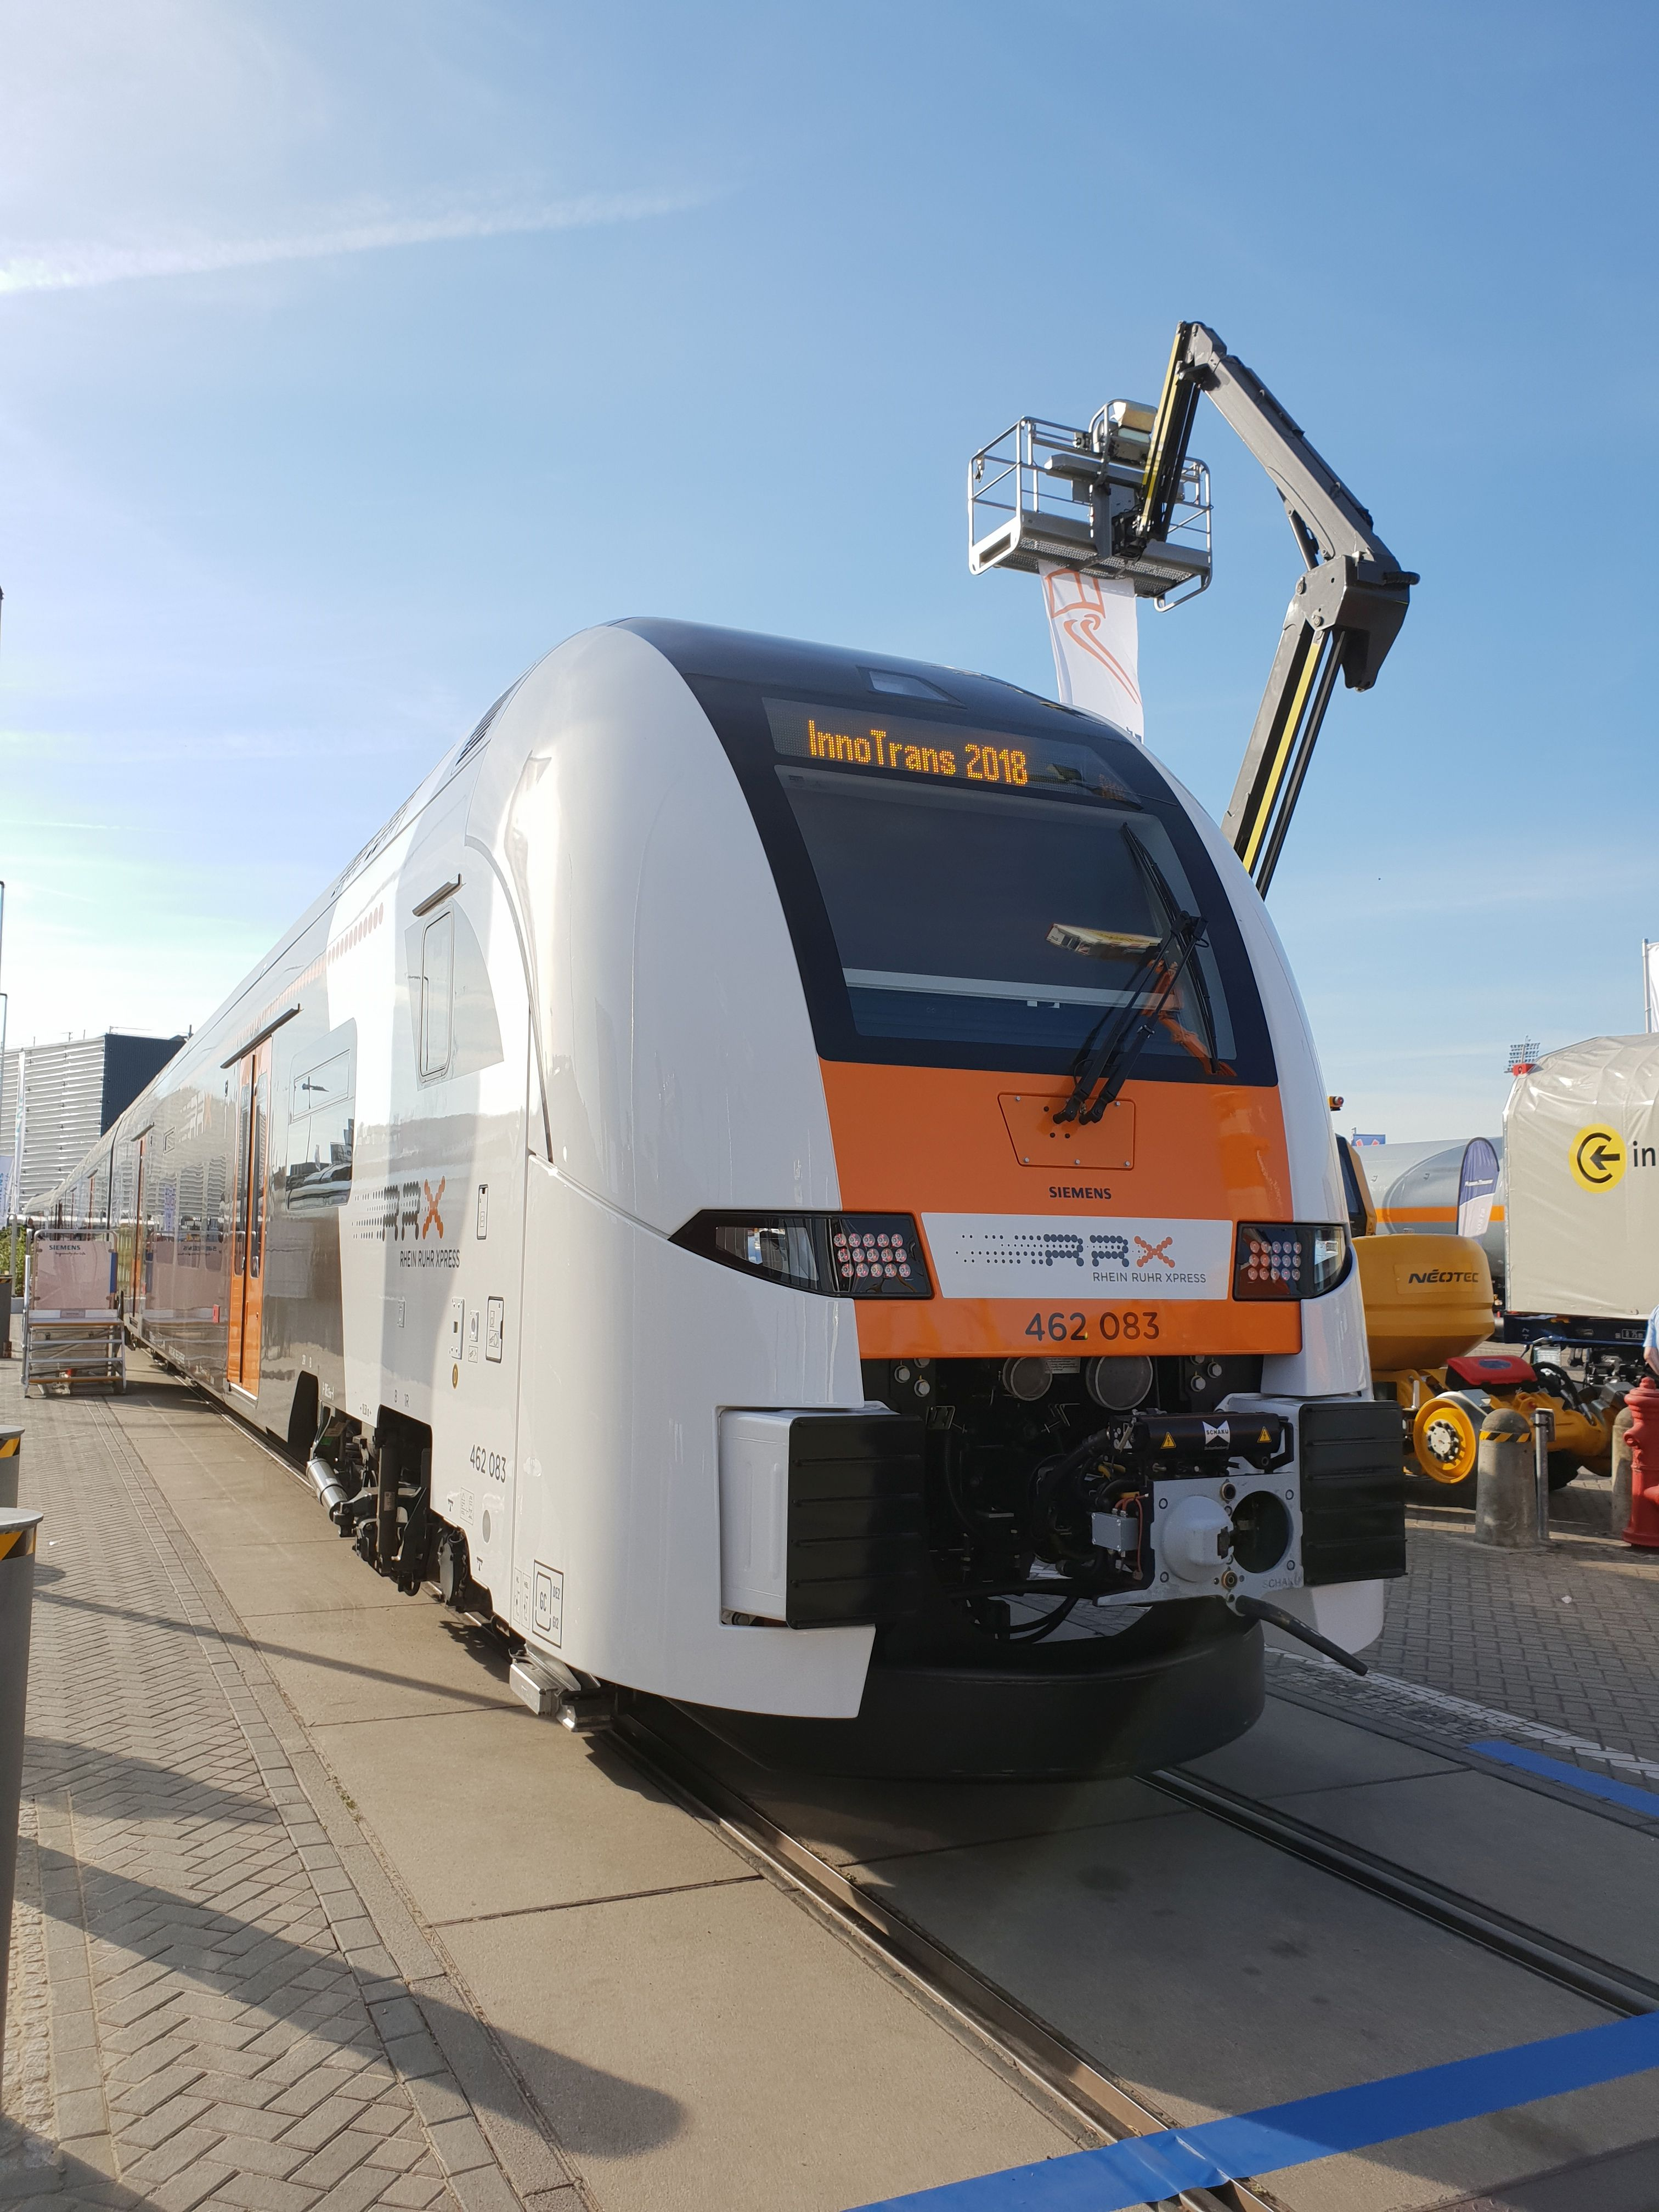 Foto: 462 083, Siemens RRX Desiro auf der Berliner Innotrans 2018